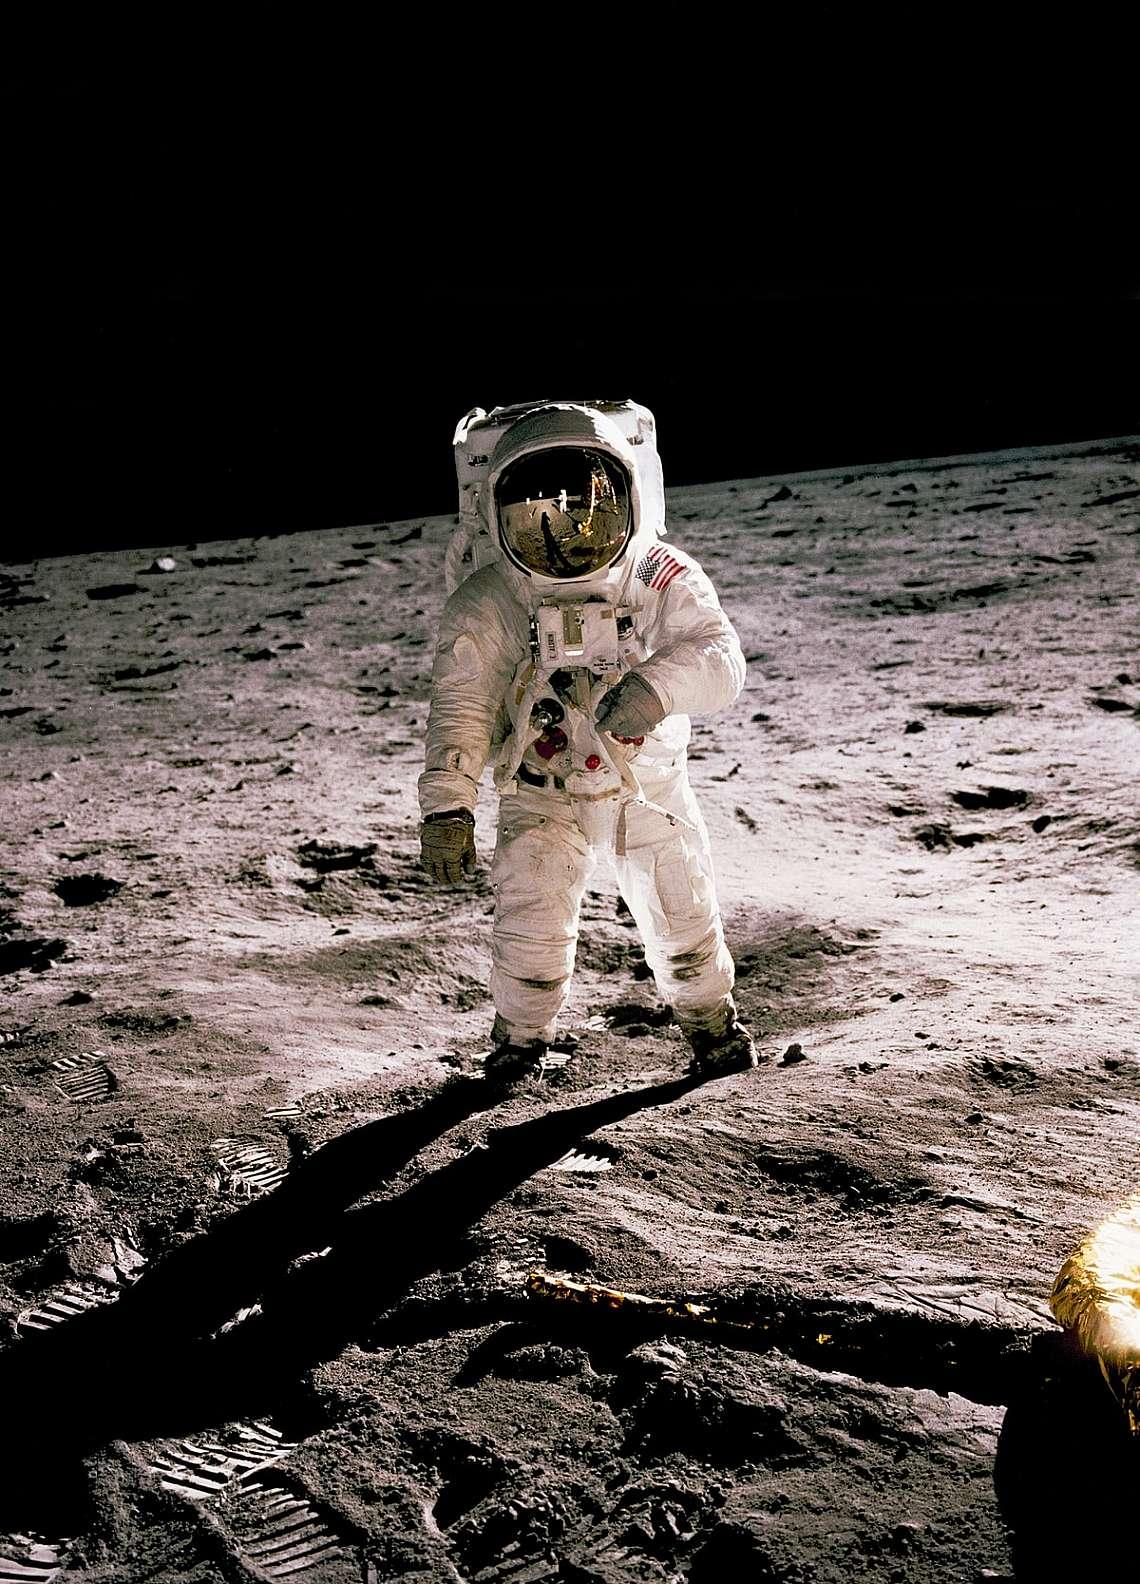 """Астронавтът от """"Аполо 11"""" Бъз Олдрин се разхожда по повърхността на Луната на 20 юли 1969 г., на снимка, направена от Нийл Армстронг."""